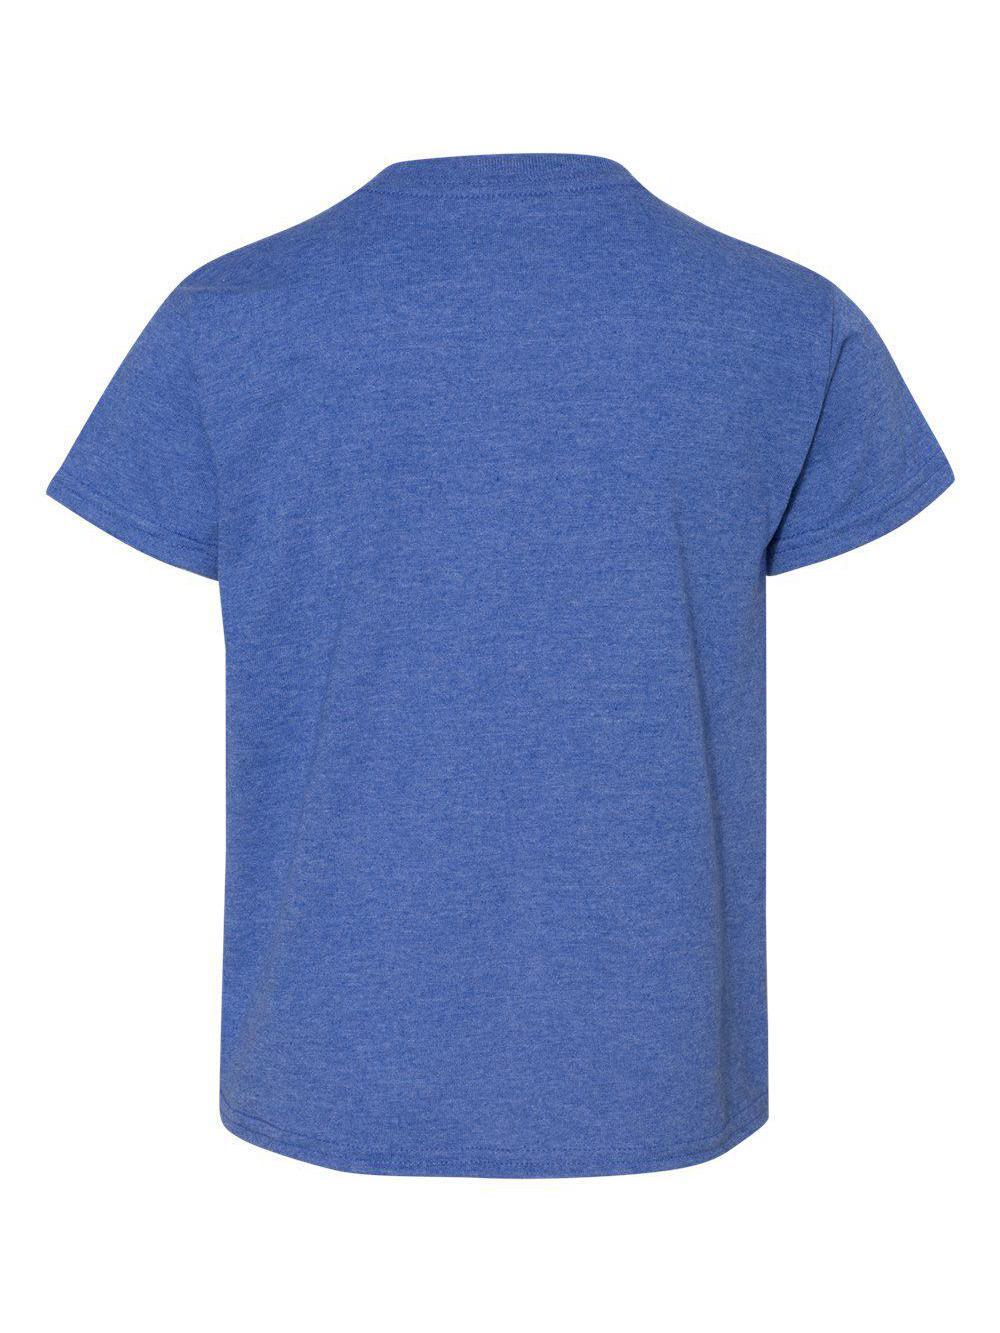 Gildan-DryBlend-Youth-50-50-T-Shirt-8000B thumbnail 40